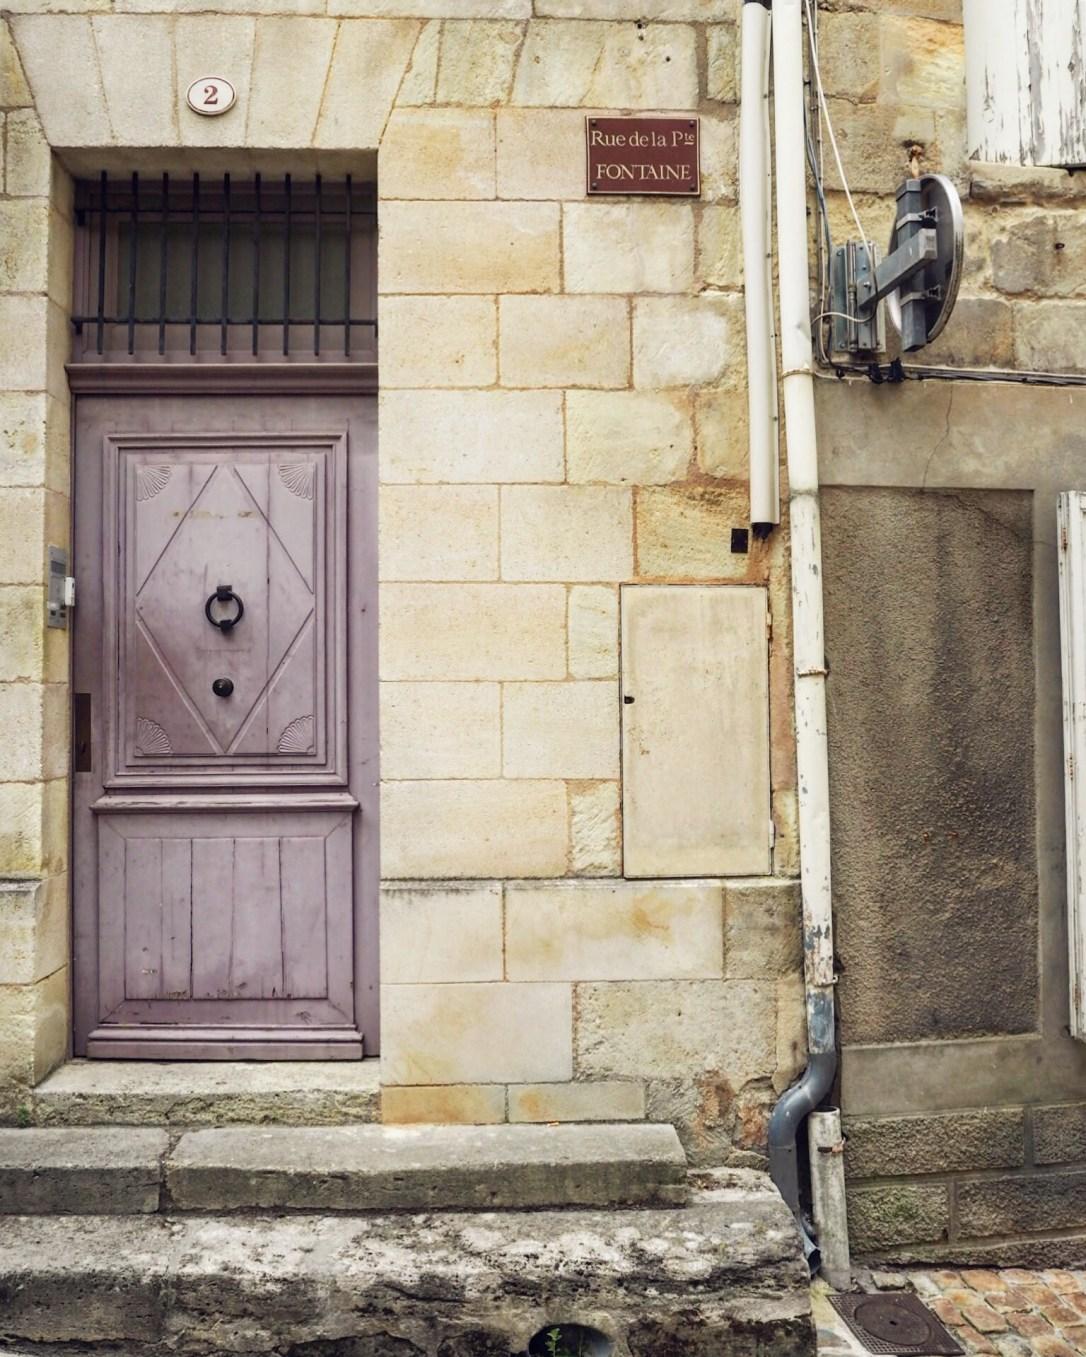 Purple doorway in the village of Saint-Emilion